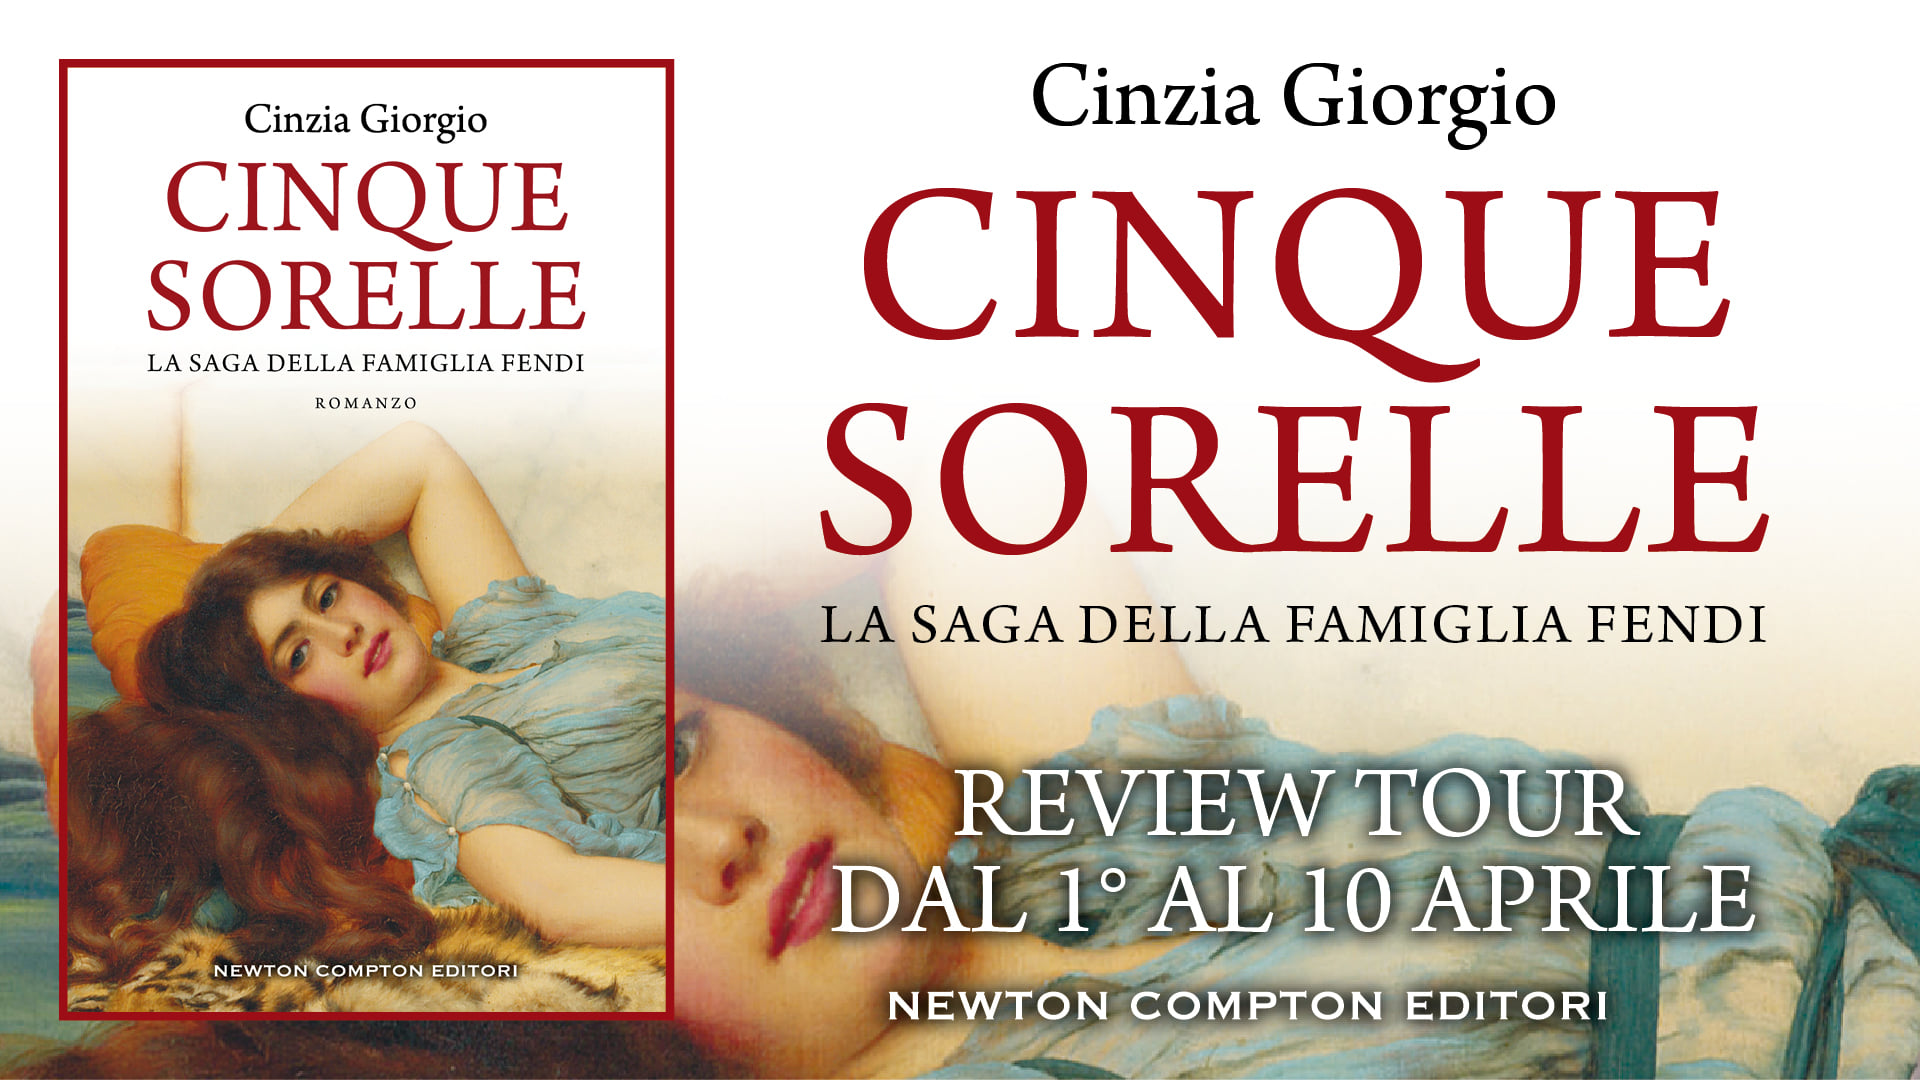 Cinque Sorelle - review tour